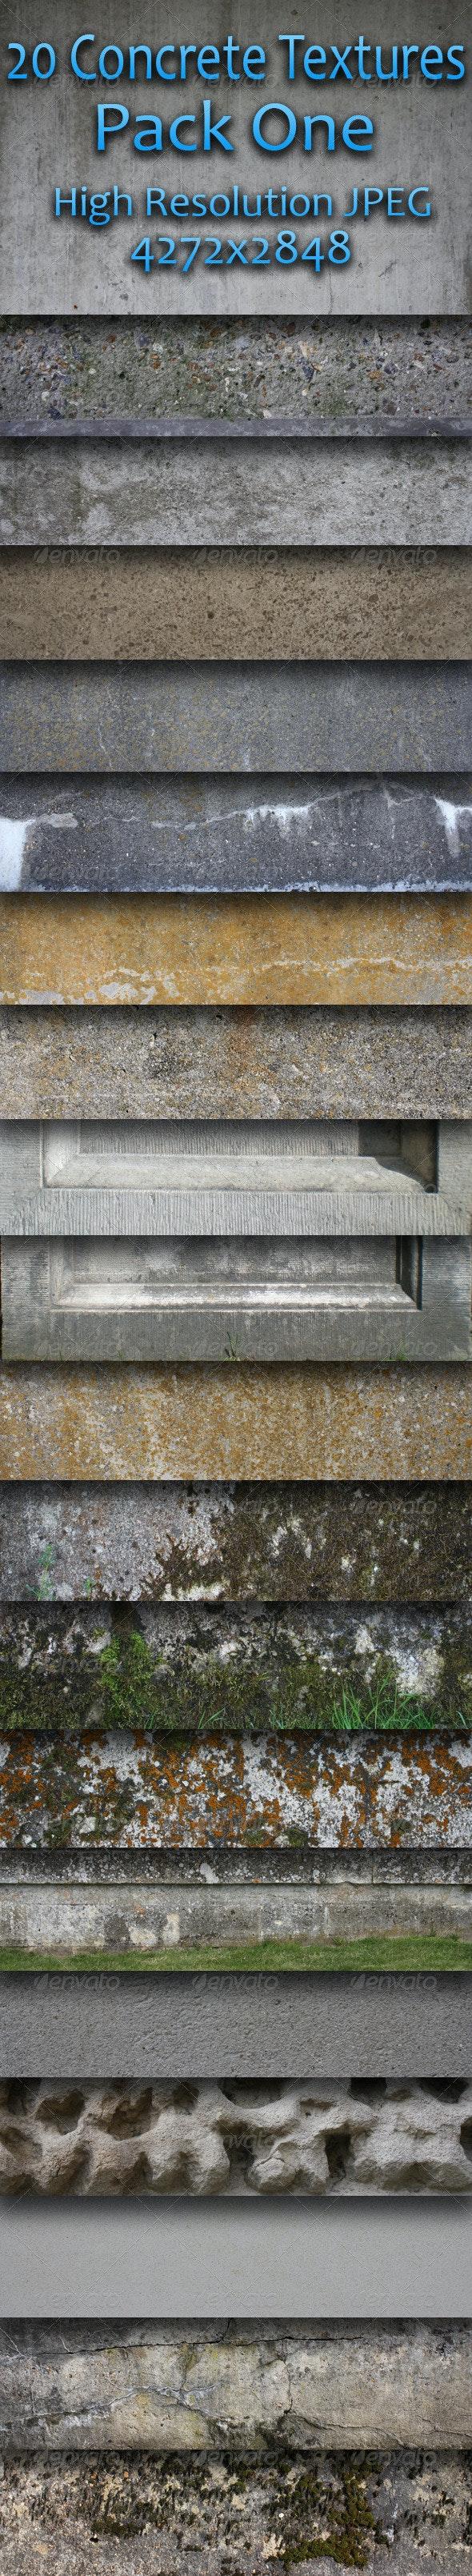 20 Concrete Textures - Pack One - Concrete Textures